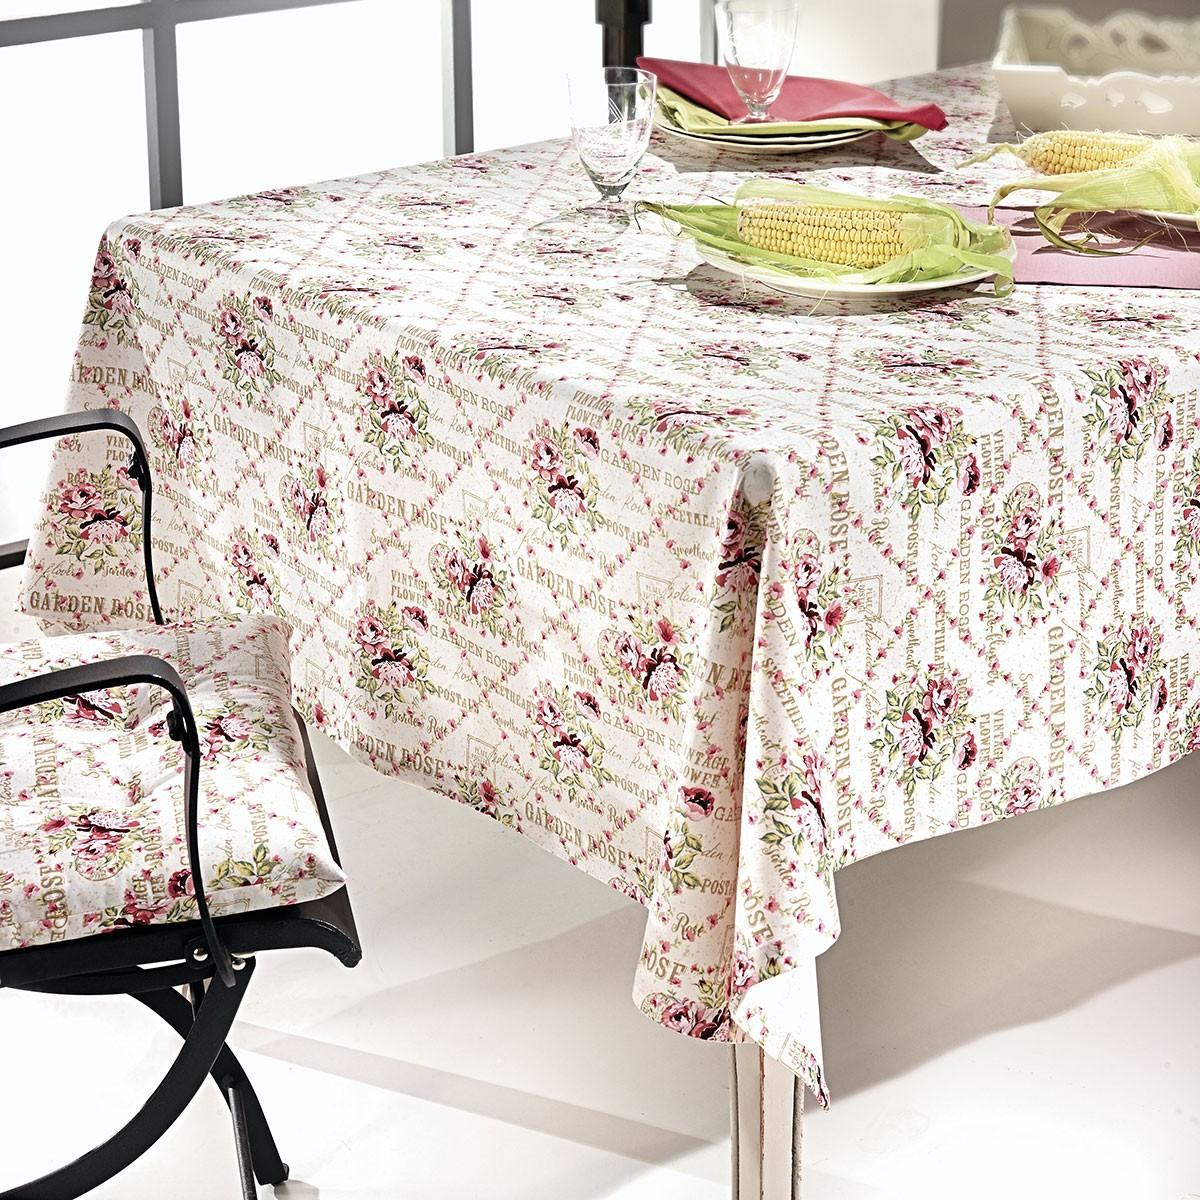 Τραπεζομάντηλο (150x220) Nima Garden Rose 01 Pink